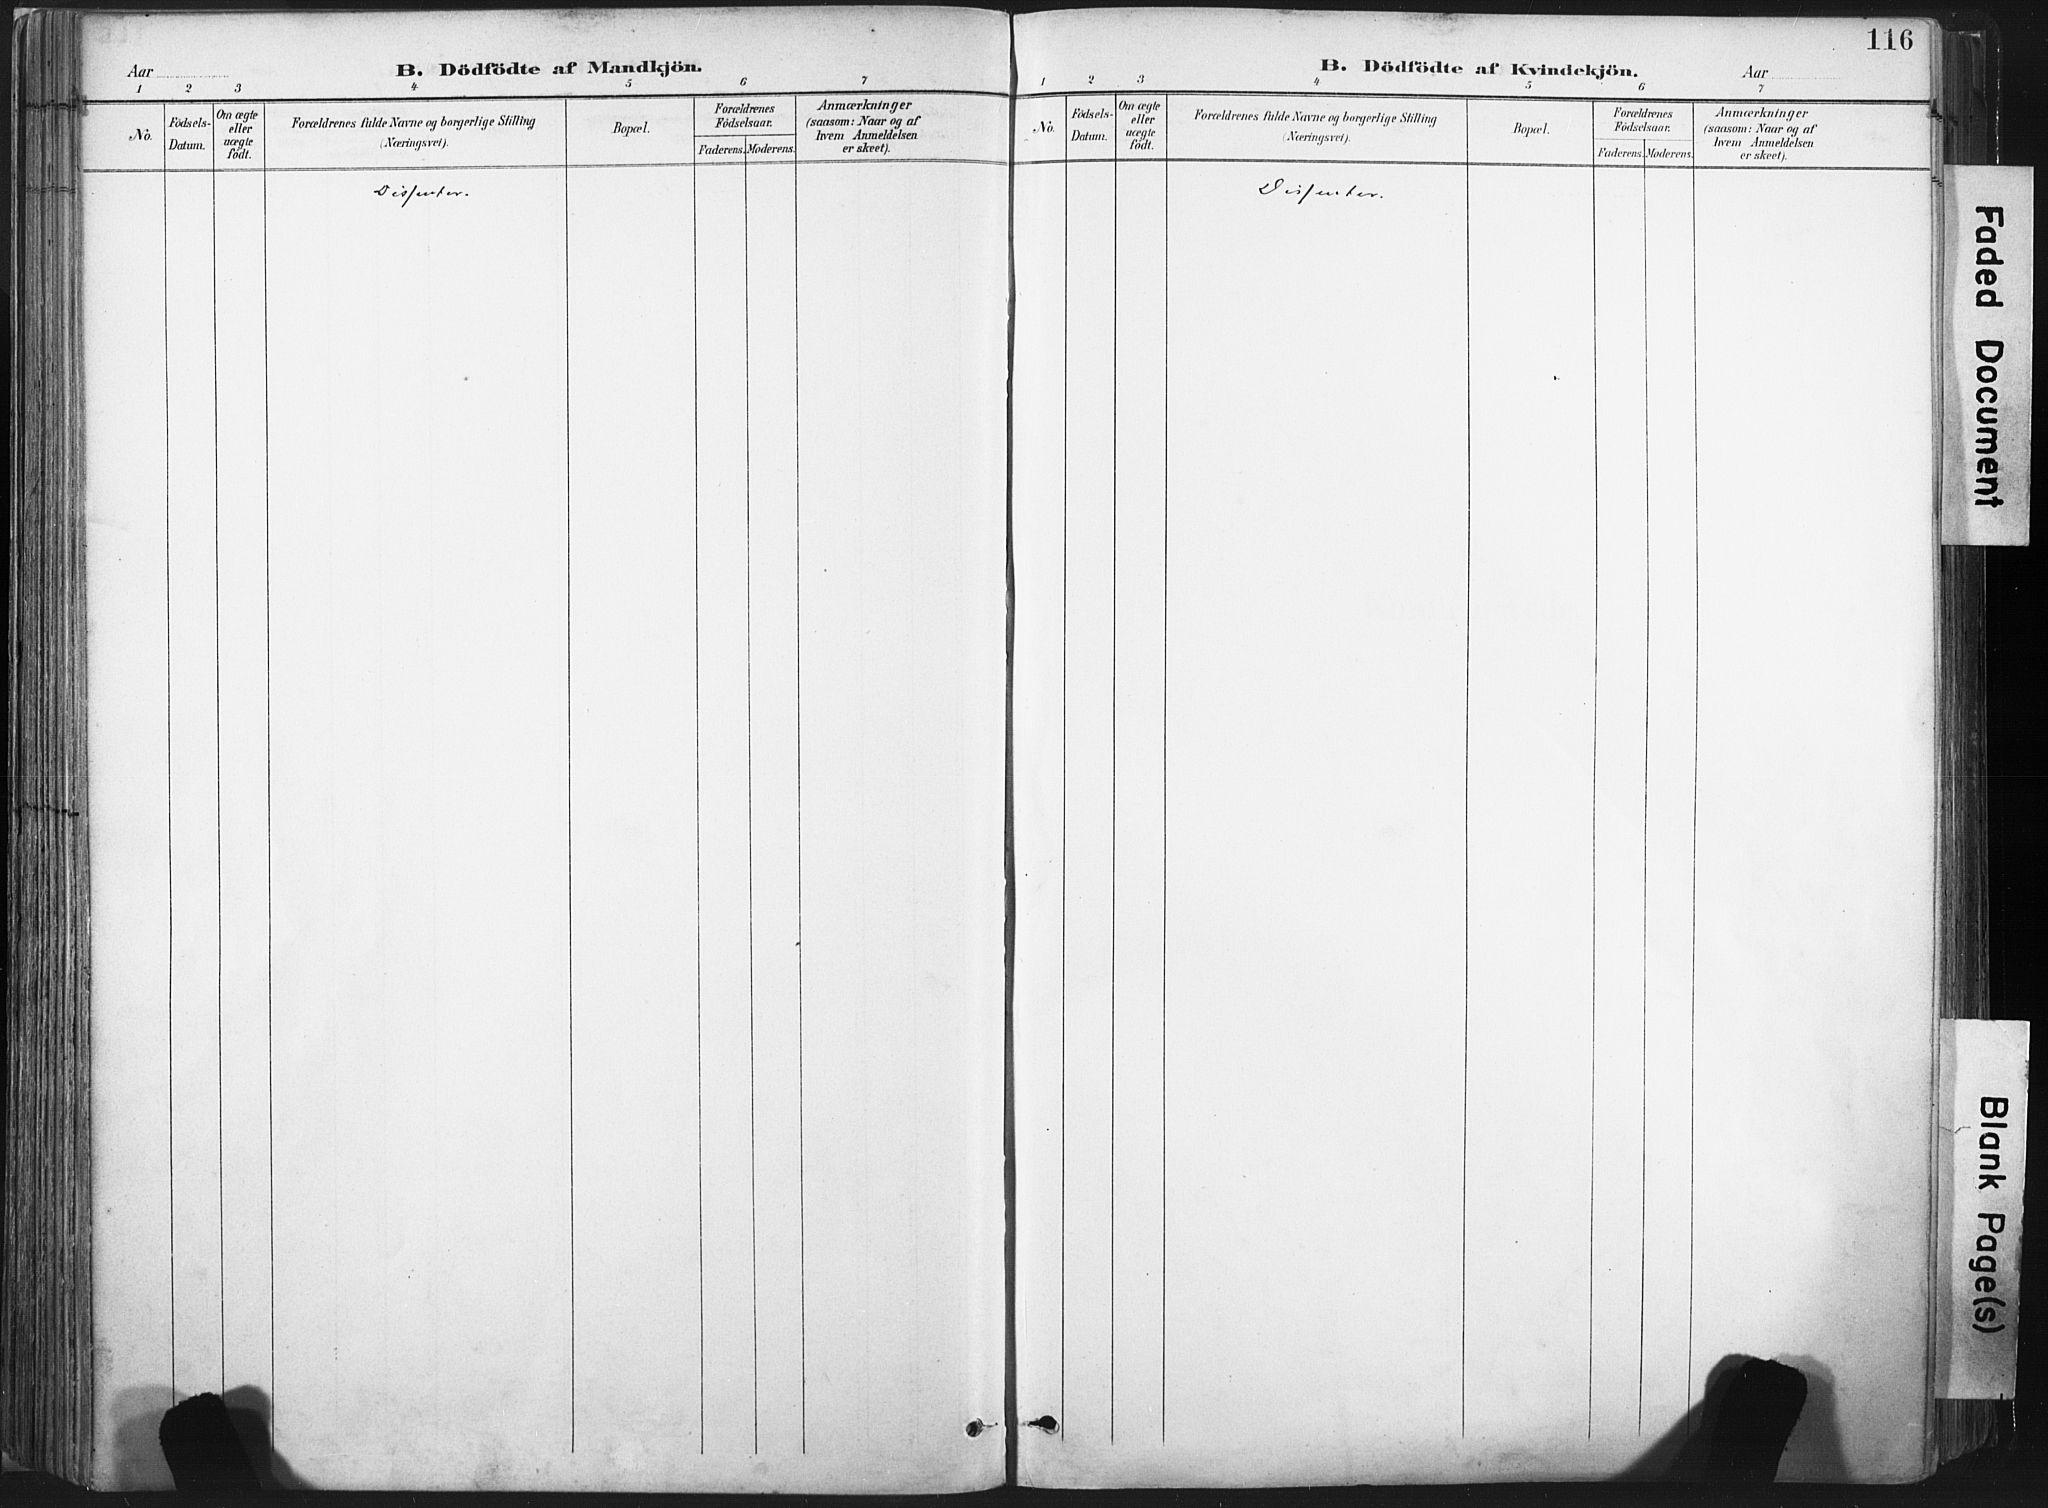 SAT, Ministerialprotokoller, klokkerbøker og fødselsregistre - Nord-Trøndelag, 717/L0162: Ministerialbok nr. 717A12, 1898-1923, s. 116